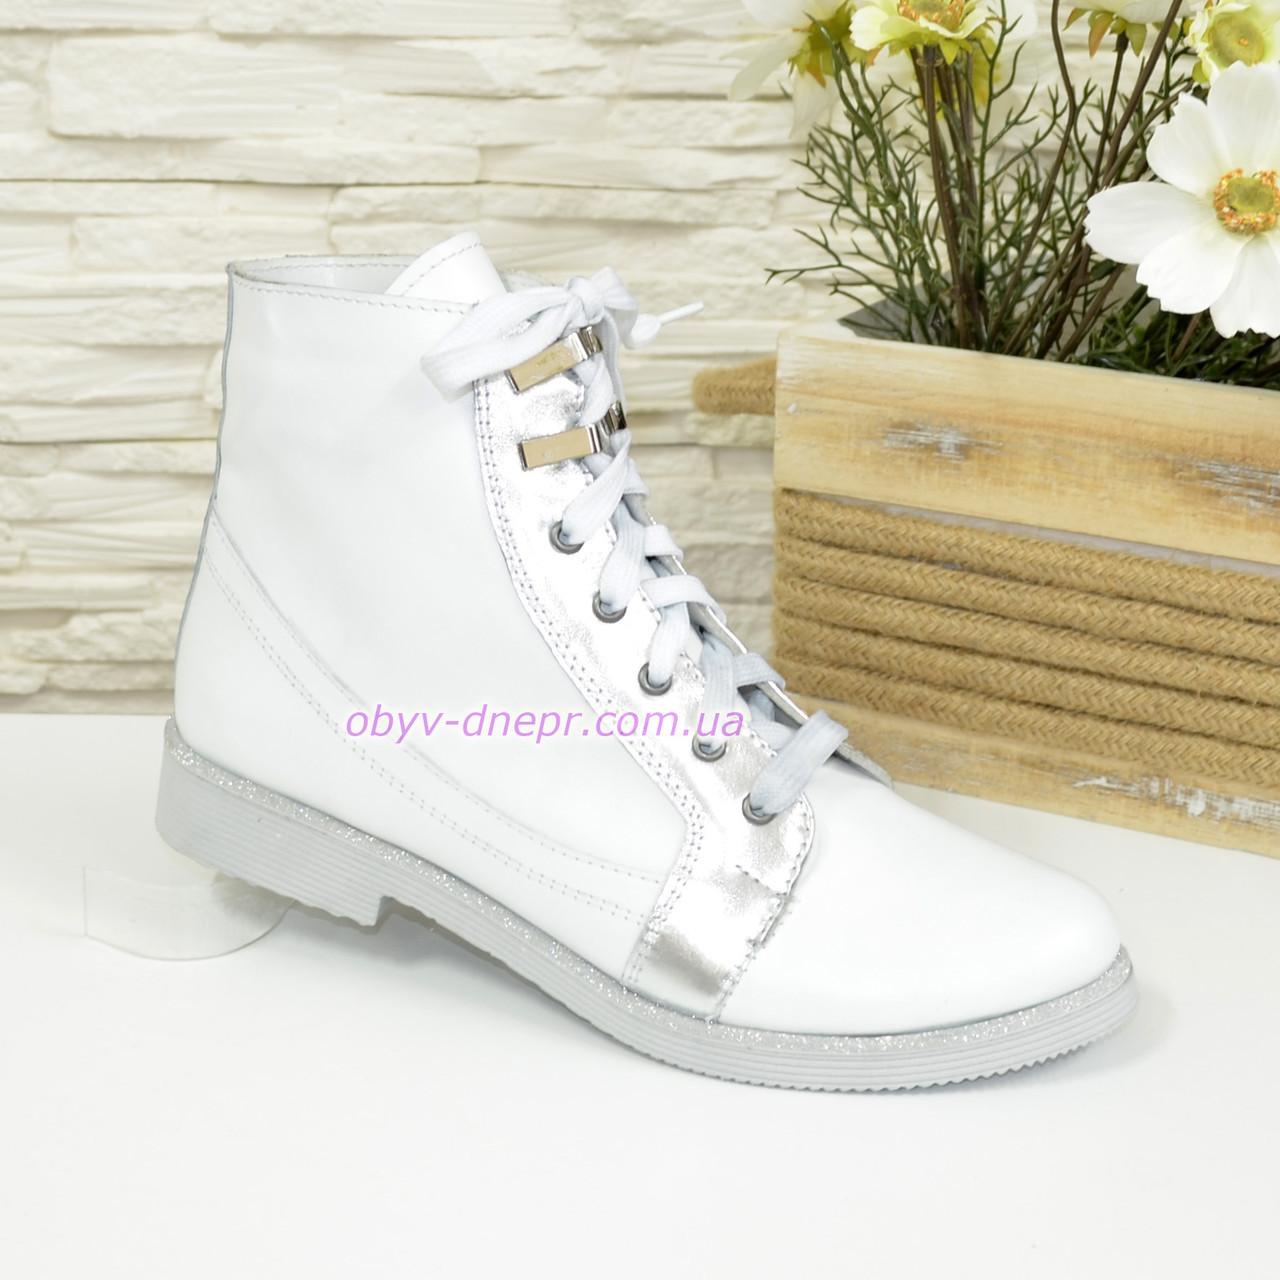 Демисезонные женские кожаные ботинки на шнуровке, цвет белый/серебро